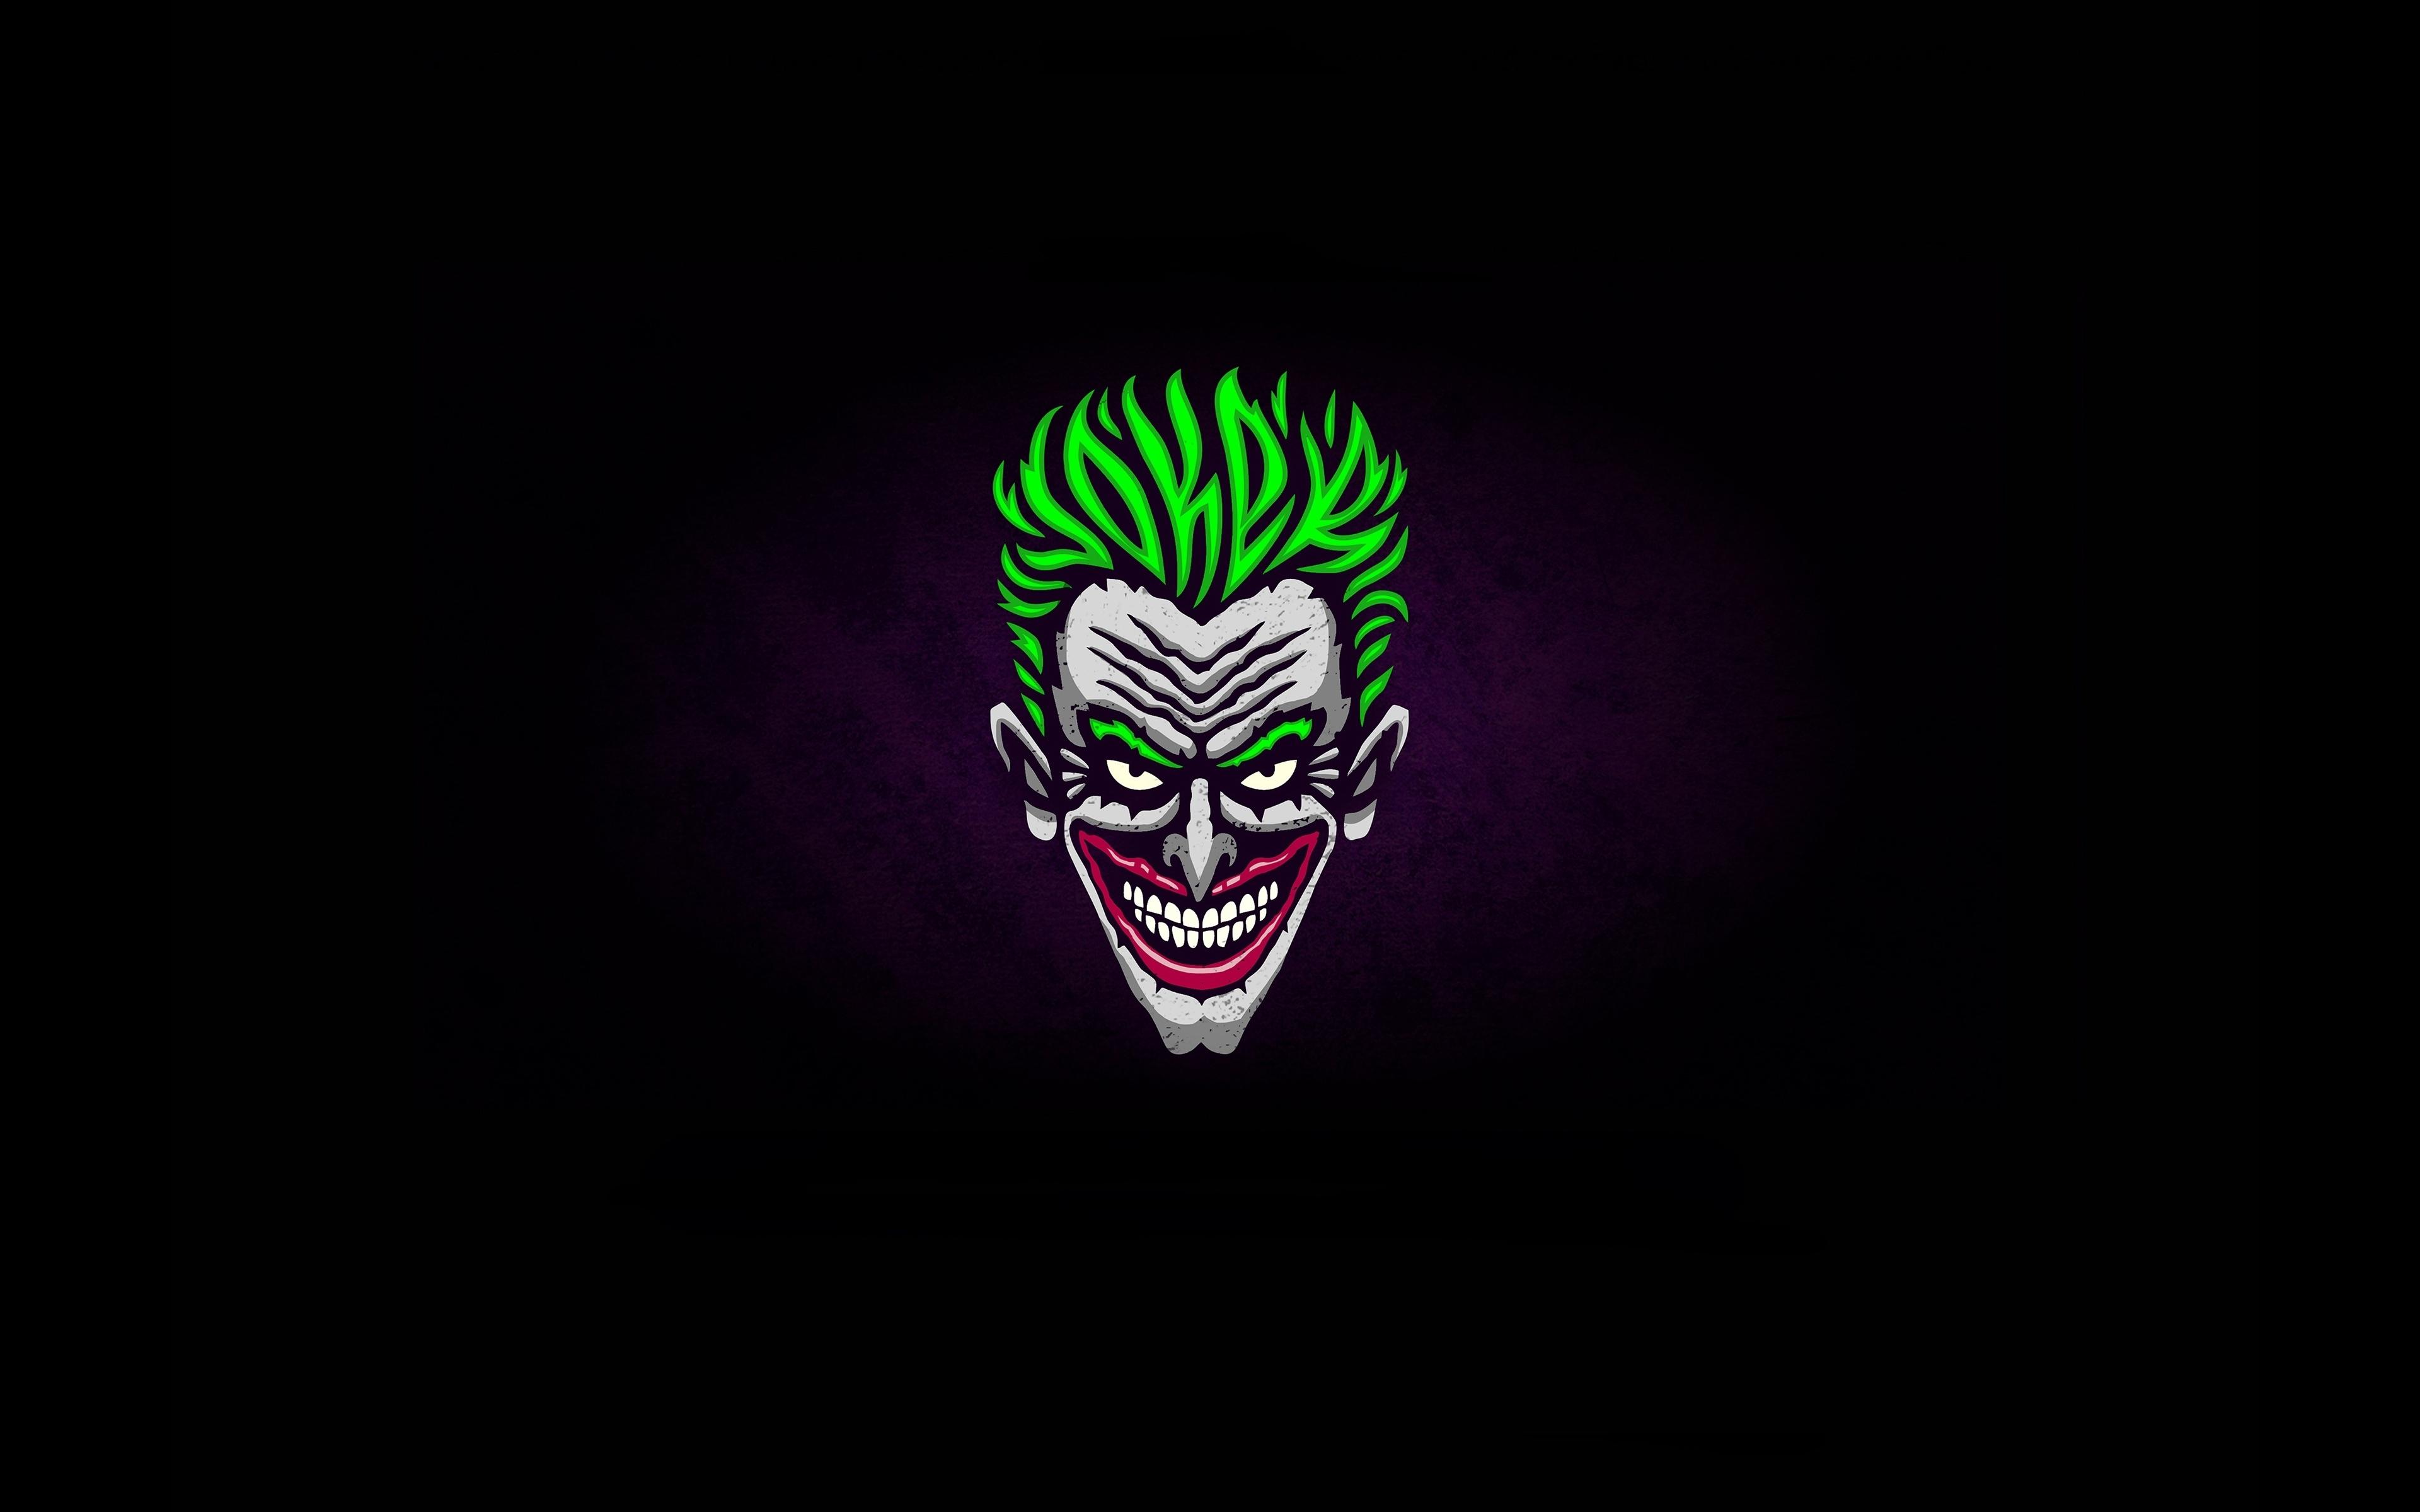 Download 3840x2400 Wallpaper Joker Face Green Hair